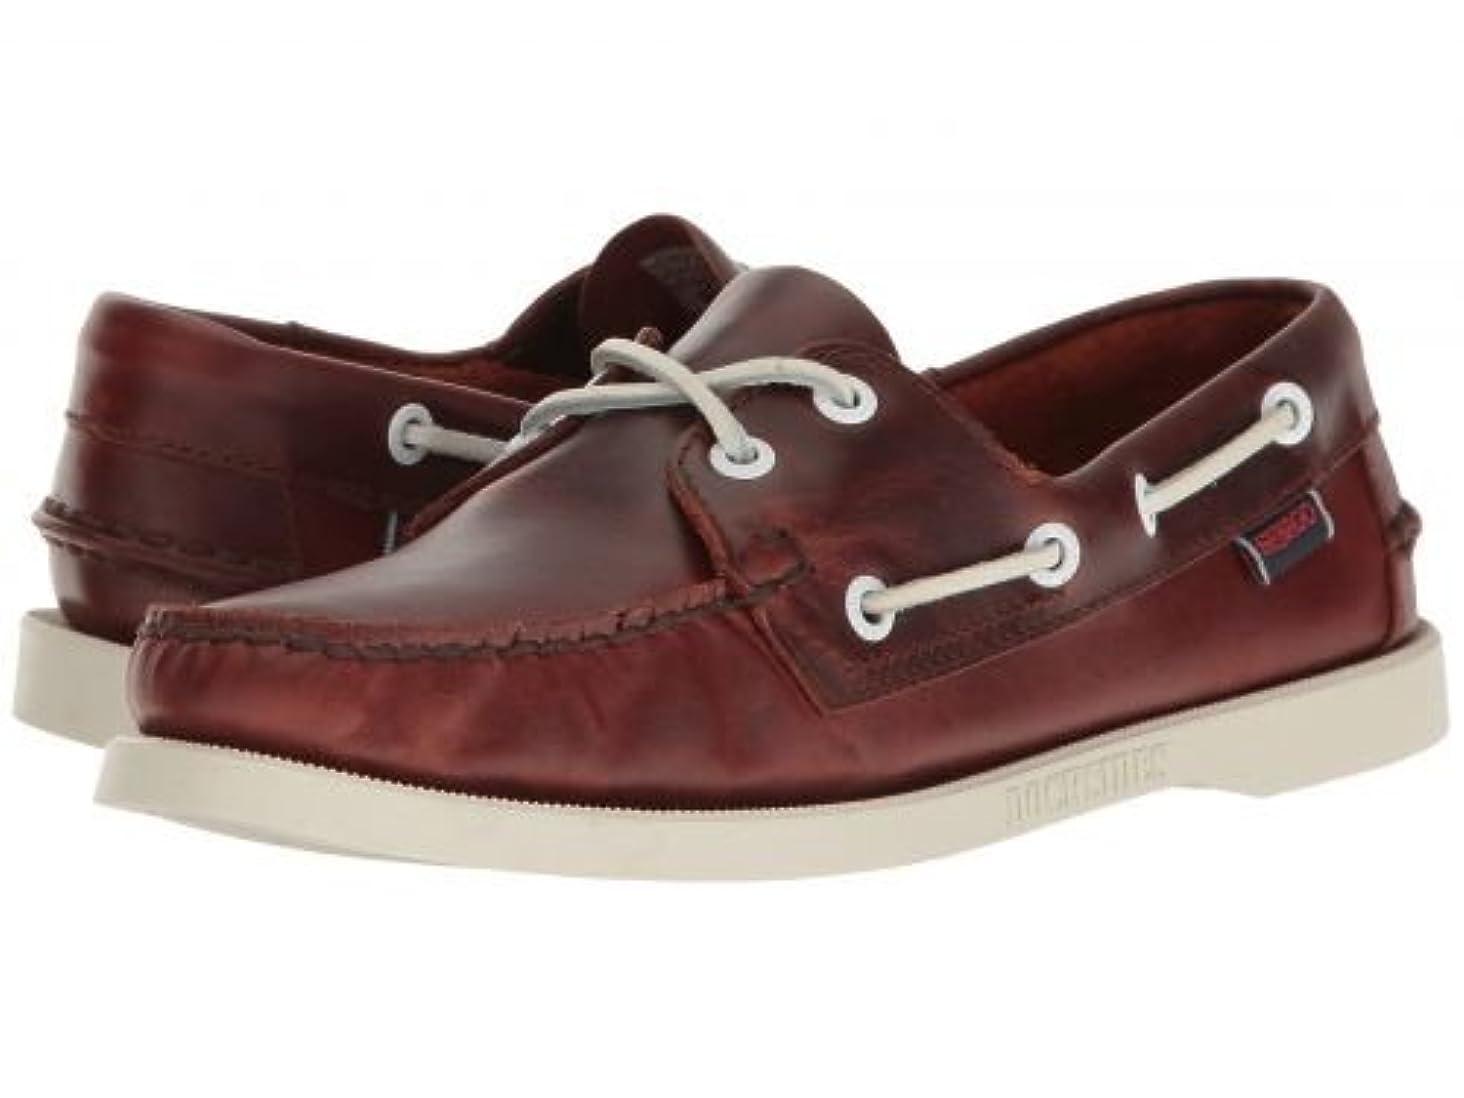 お世話になった空洞聖歌Sebago(セバゴ) レディース 女性用 シューズ 靴 ボートシューズ Docksides(R) Leather - Brown Oiled Waxy Leather 5.5 M [並行輸入品]